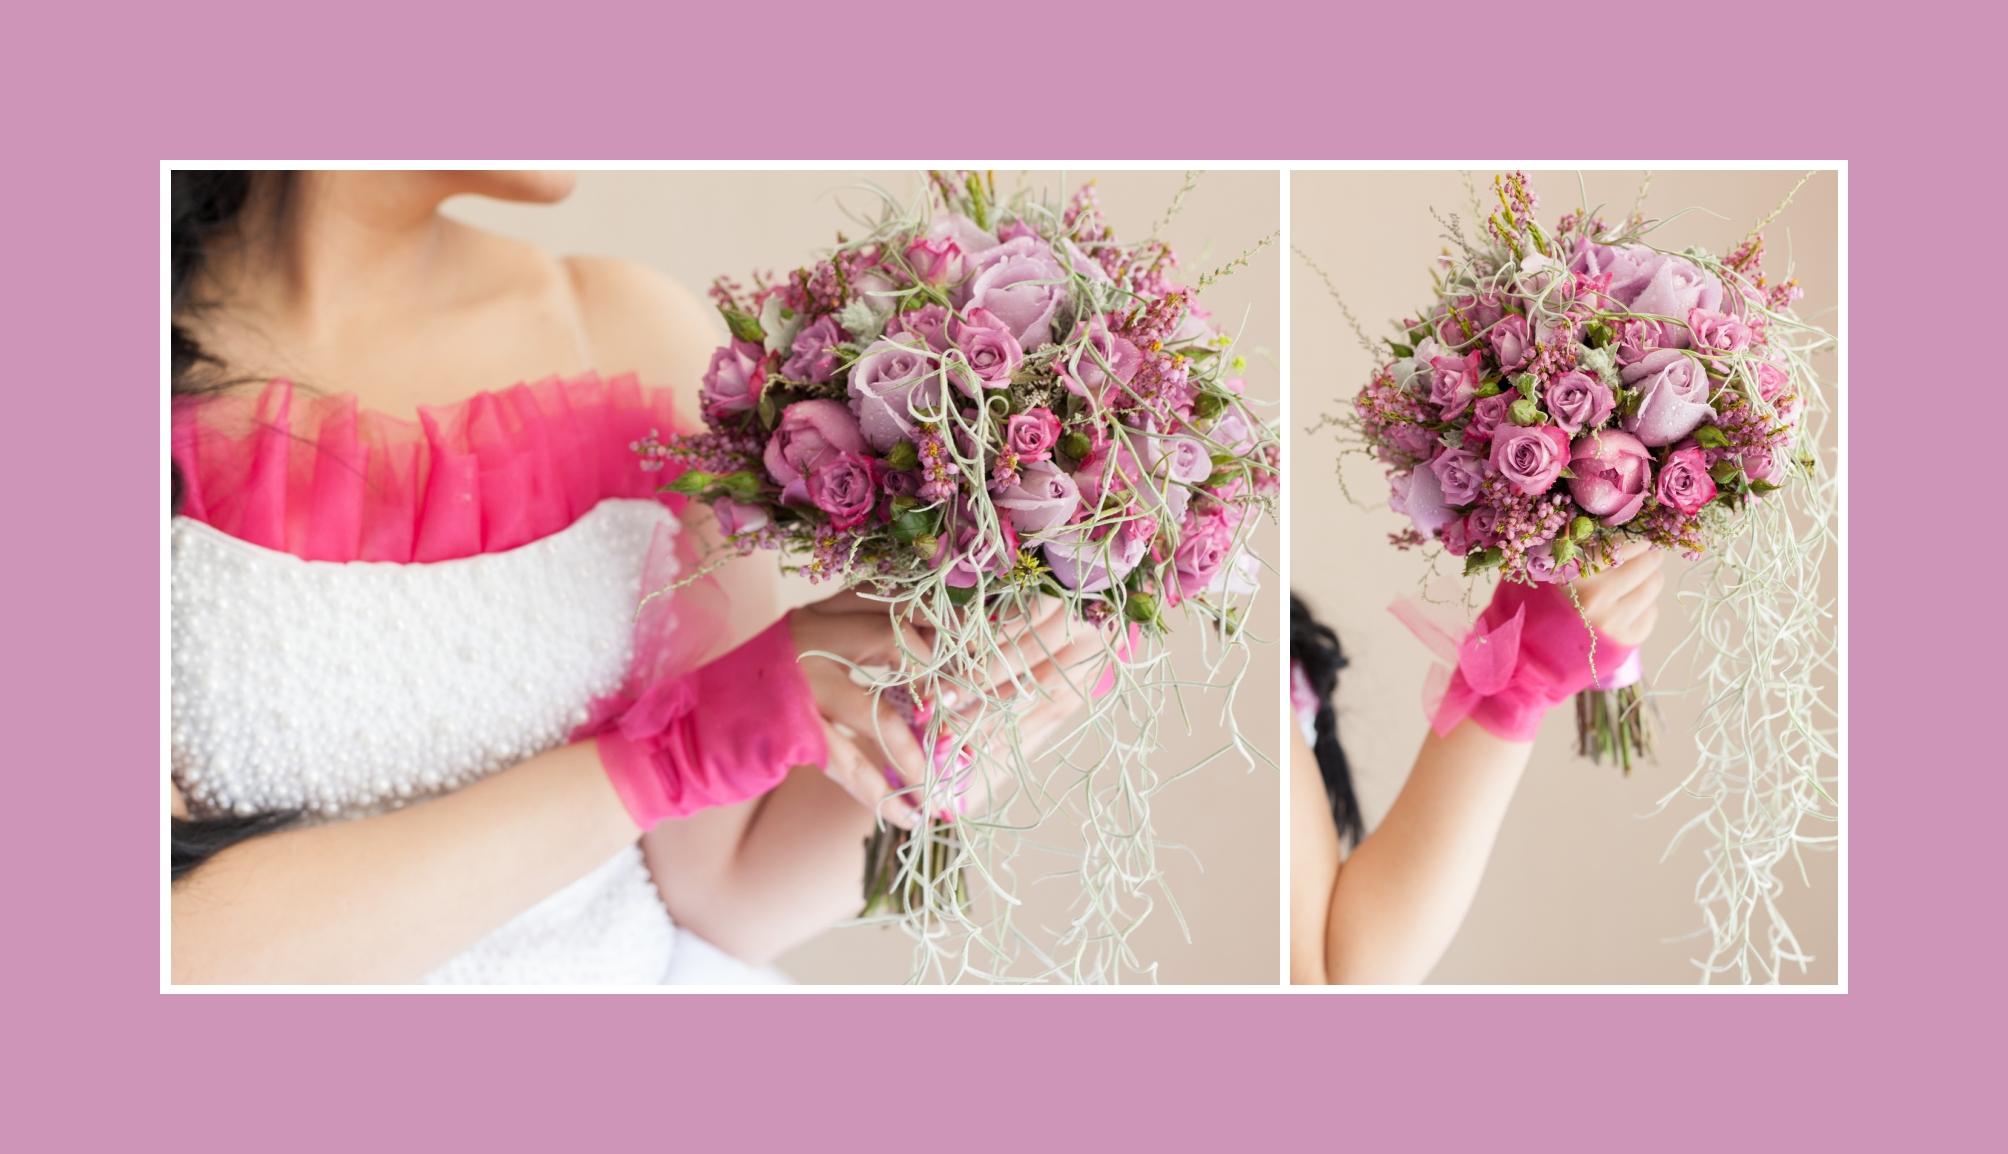 Brautstrauß aus Rosa und Lila Rosen